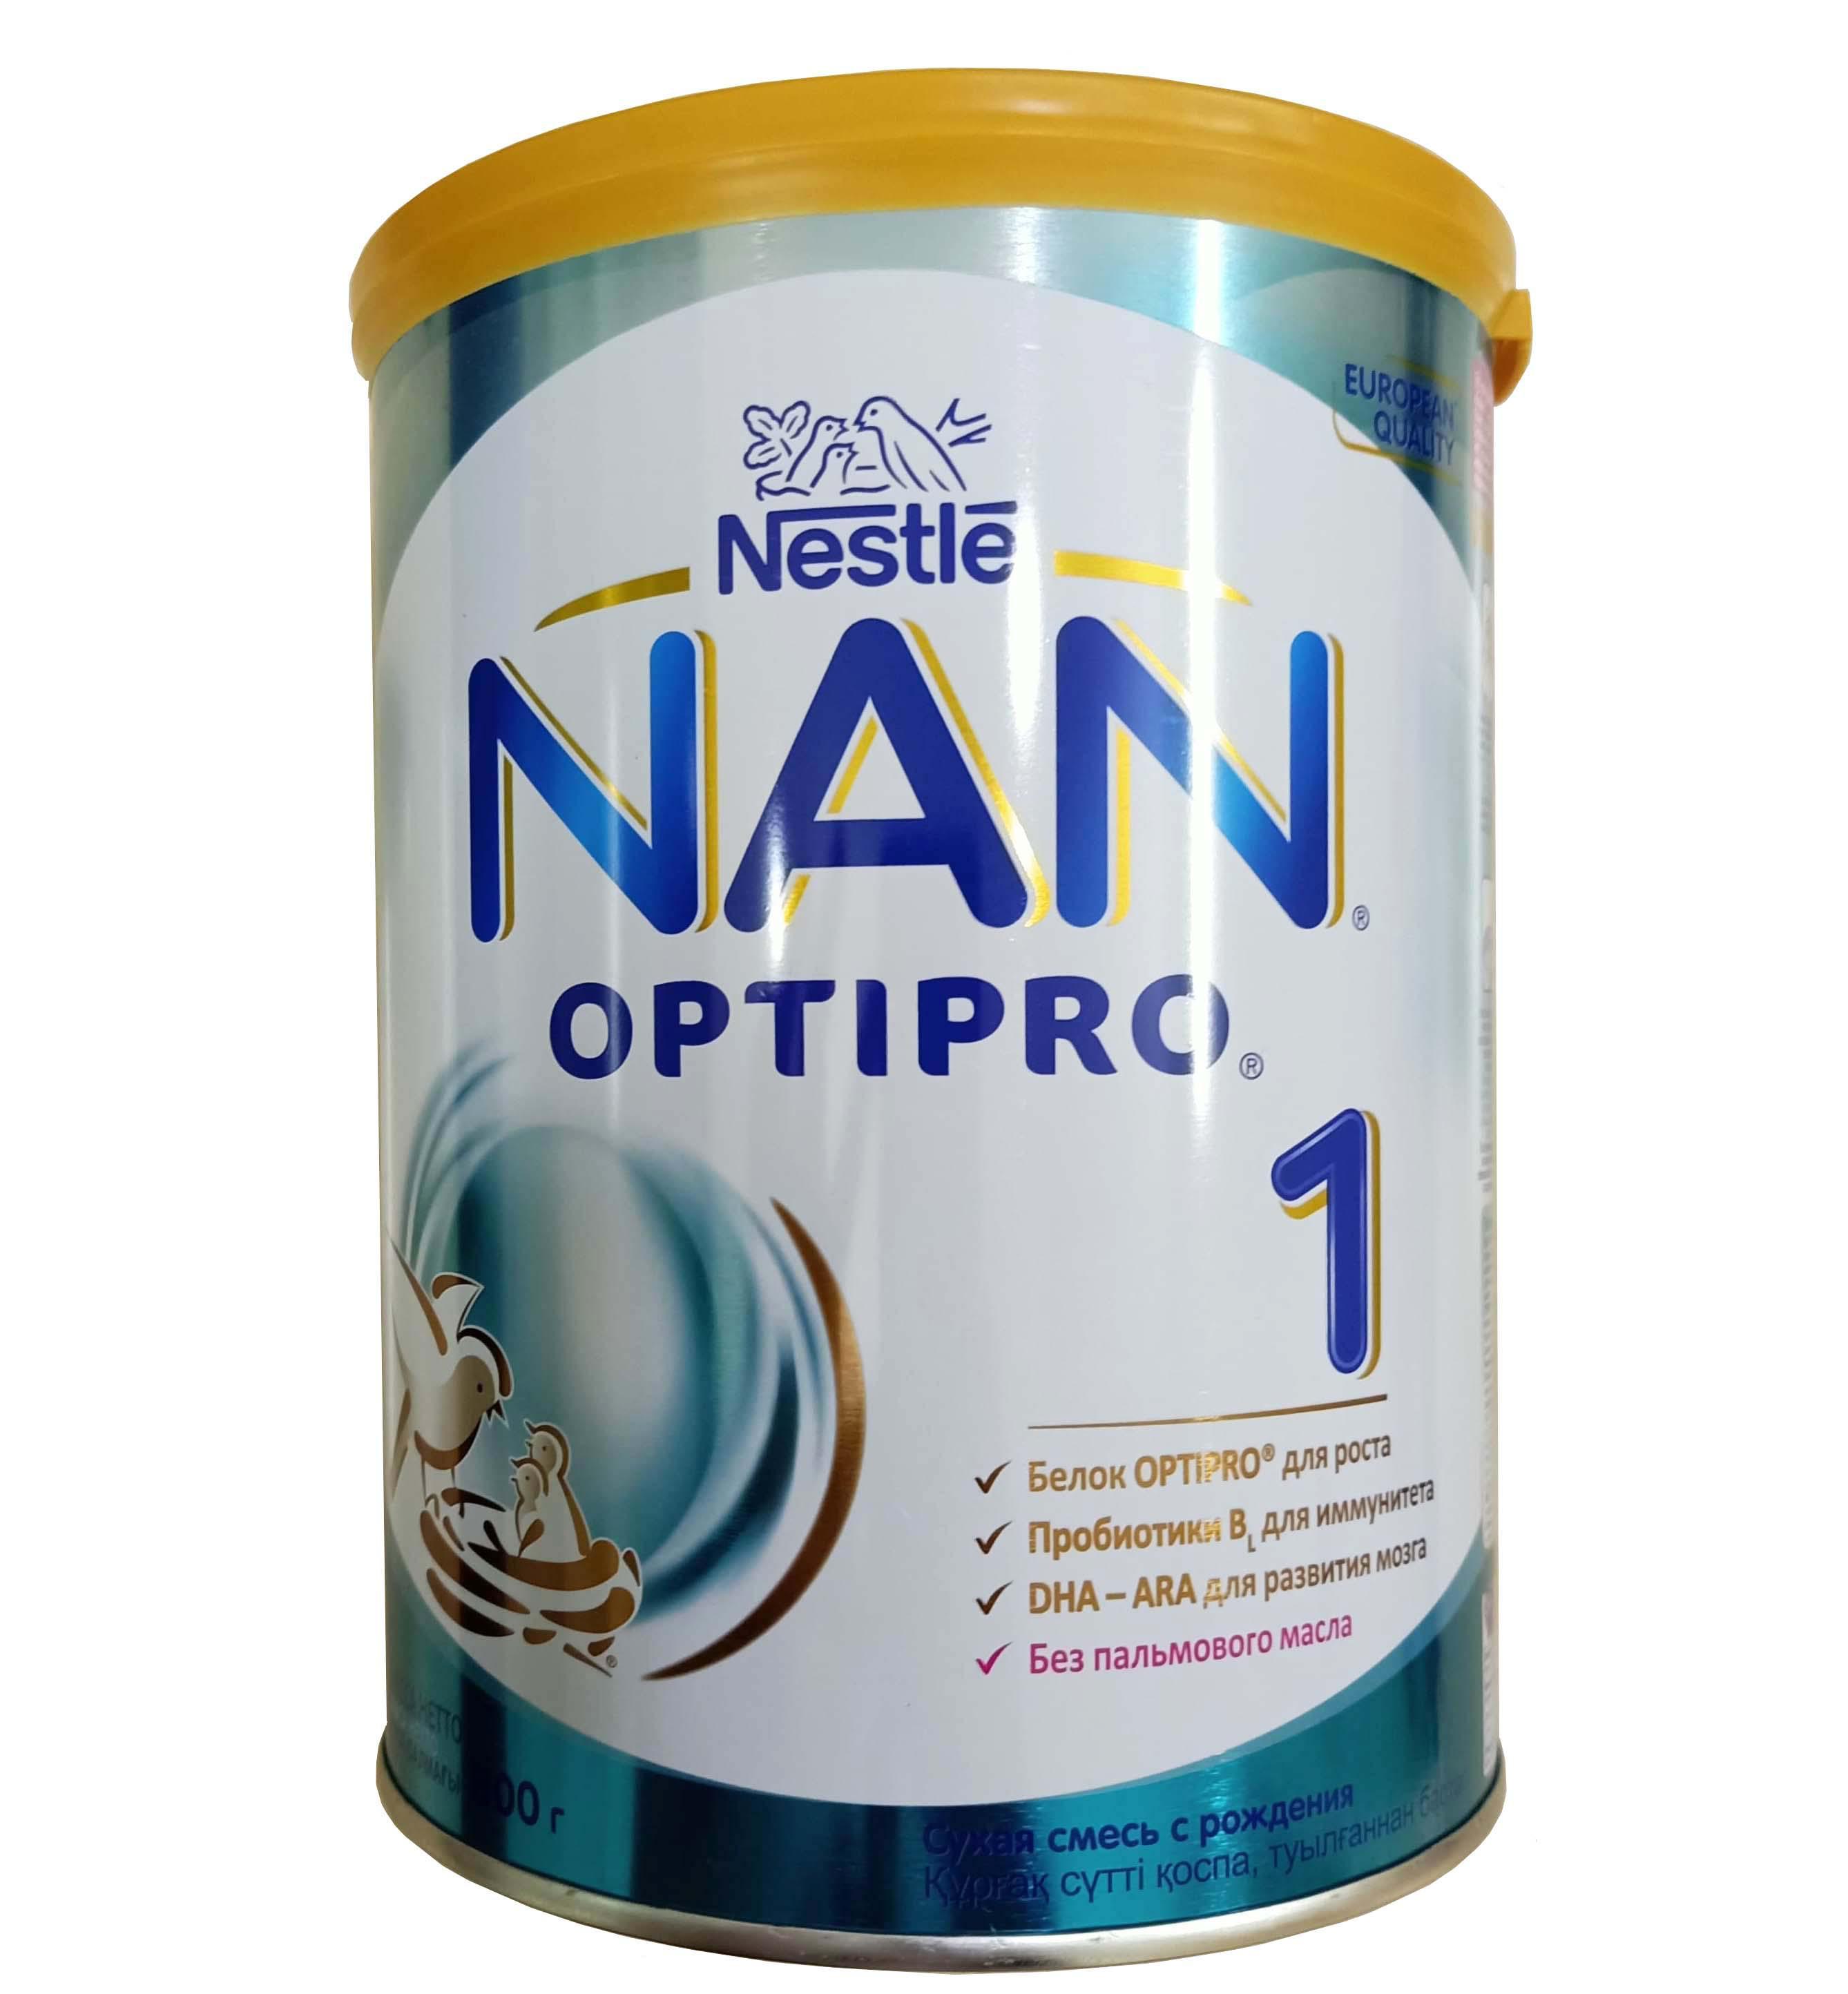 Đánh Giá Sữa NAN Optipro 1 - Sữa Công Thức Tốt Nhất Dành Cho Trẻ Sơ Sinh